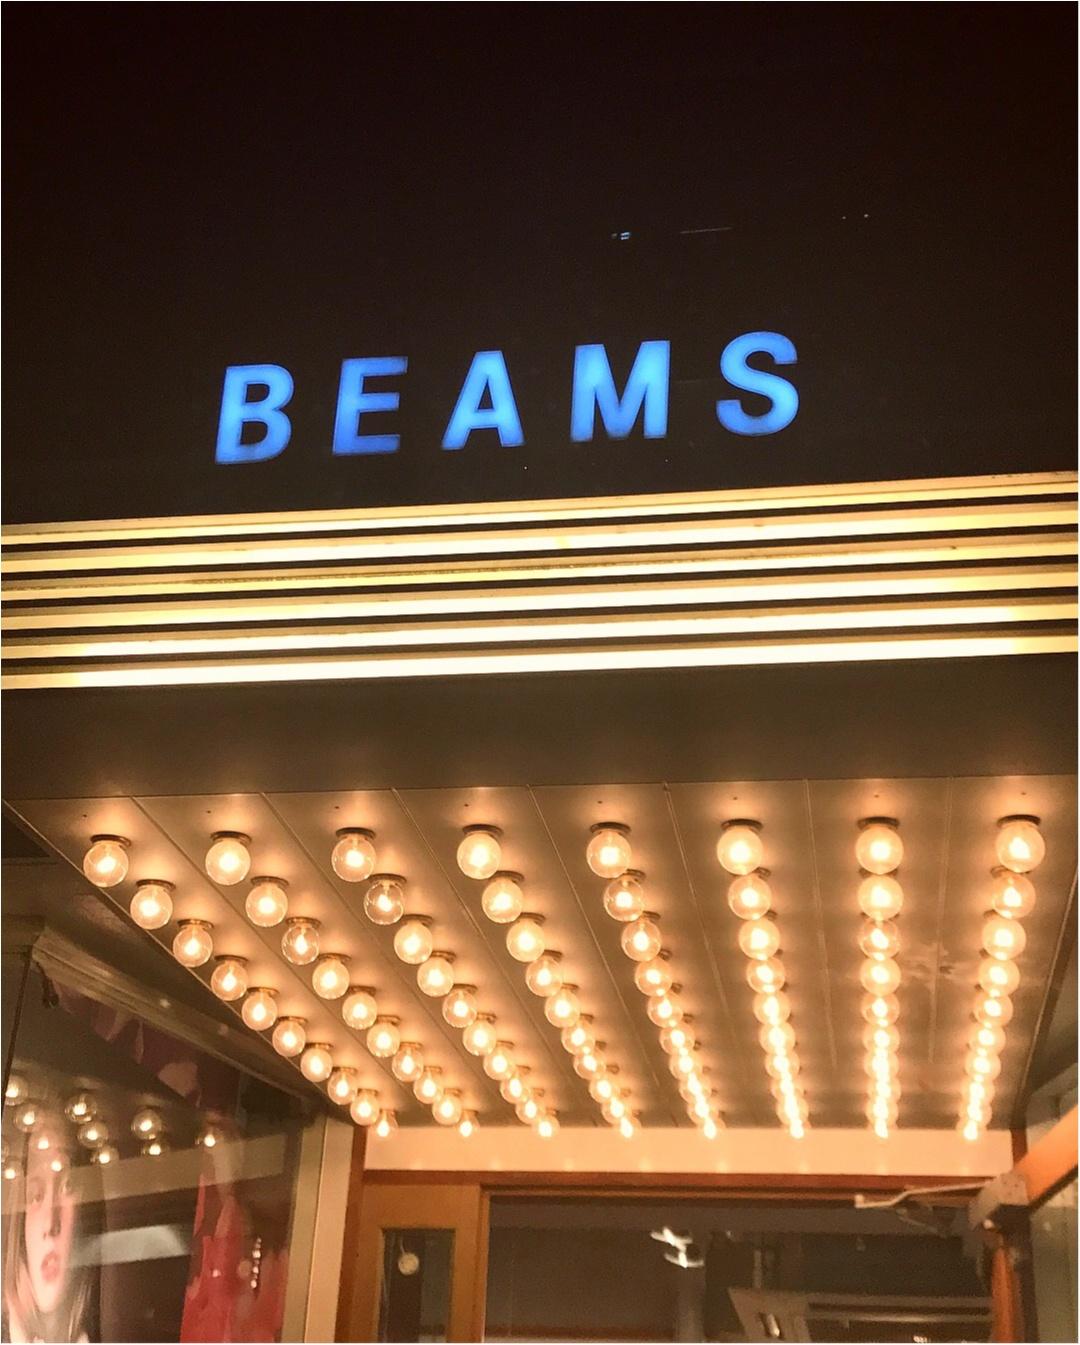 【Fashion】BEAMSから注目の新ライン「maturely」が登場!原宿店も店内リニューアル❤︎_1